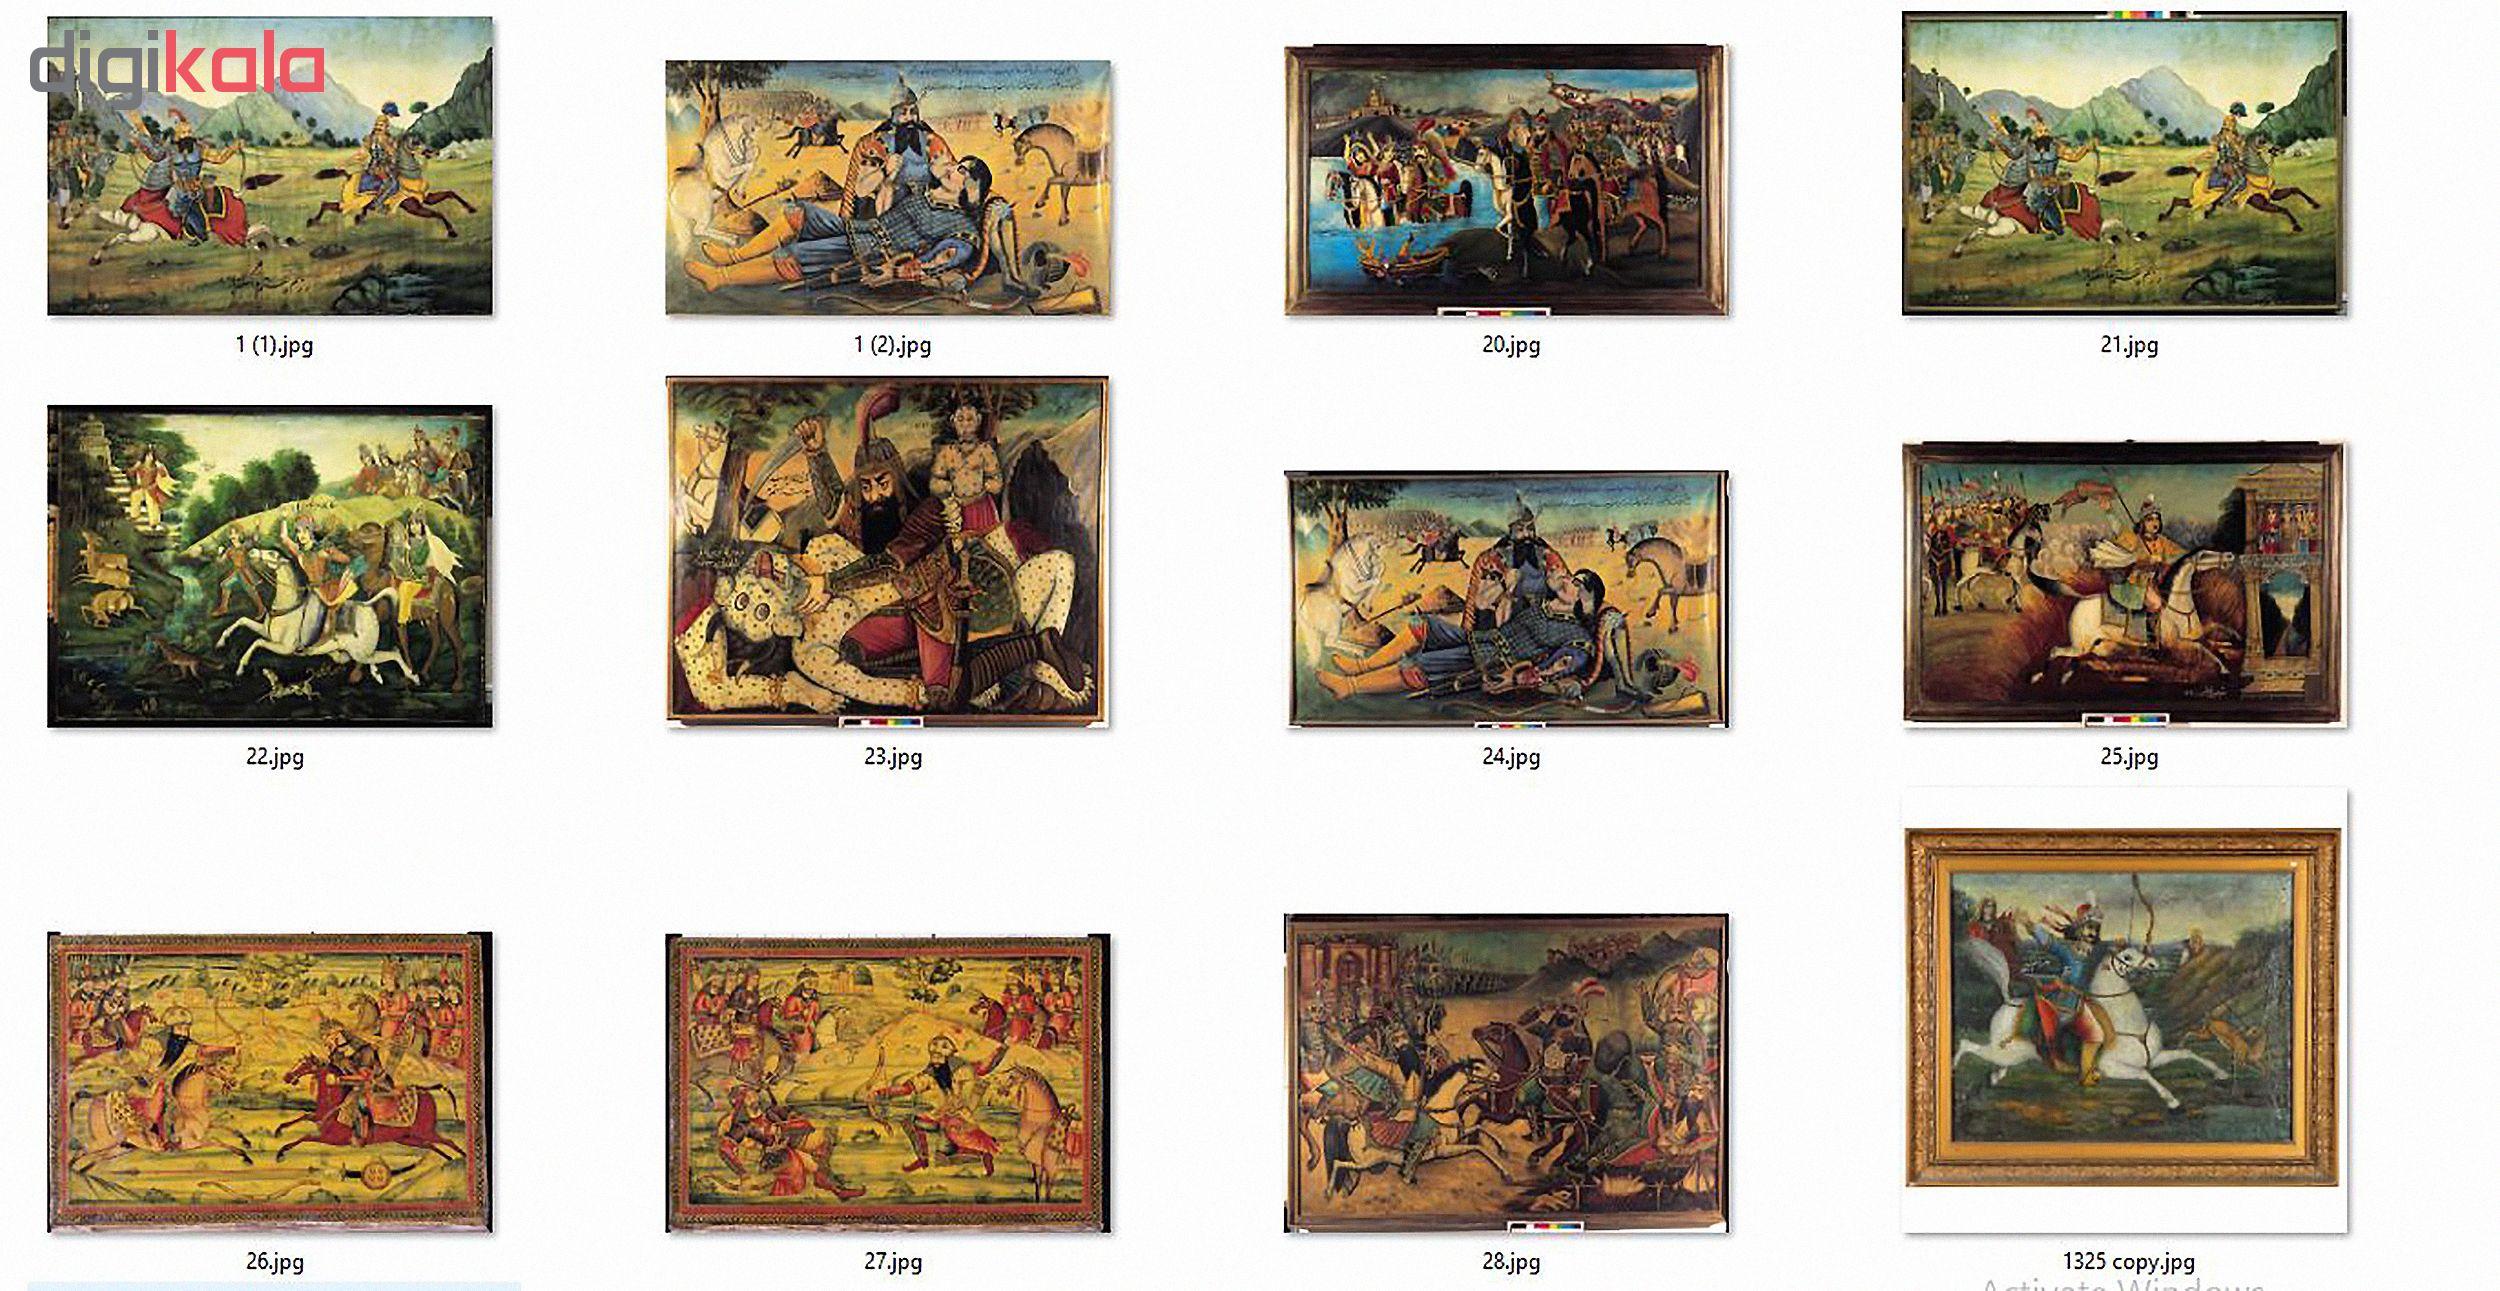 مجموعه تصاویر آثار پیشگامان نقاشی قهوه خانه ای